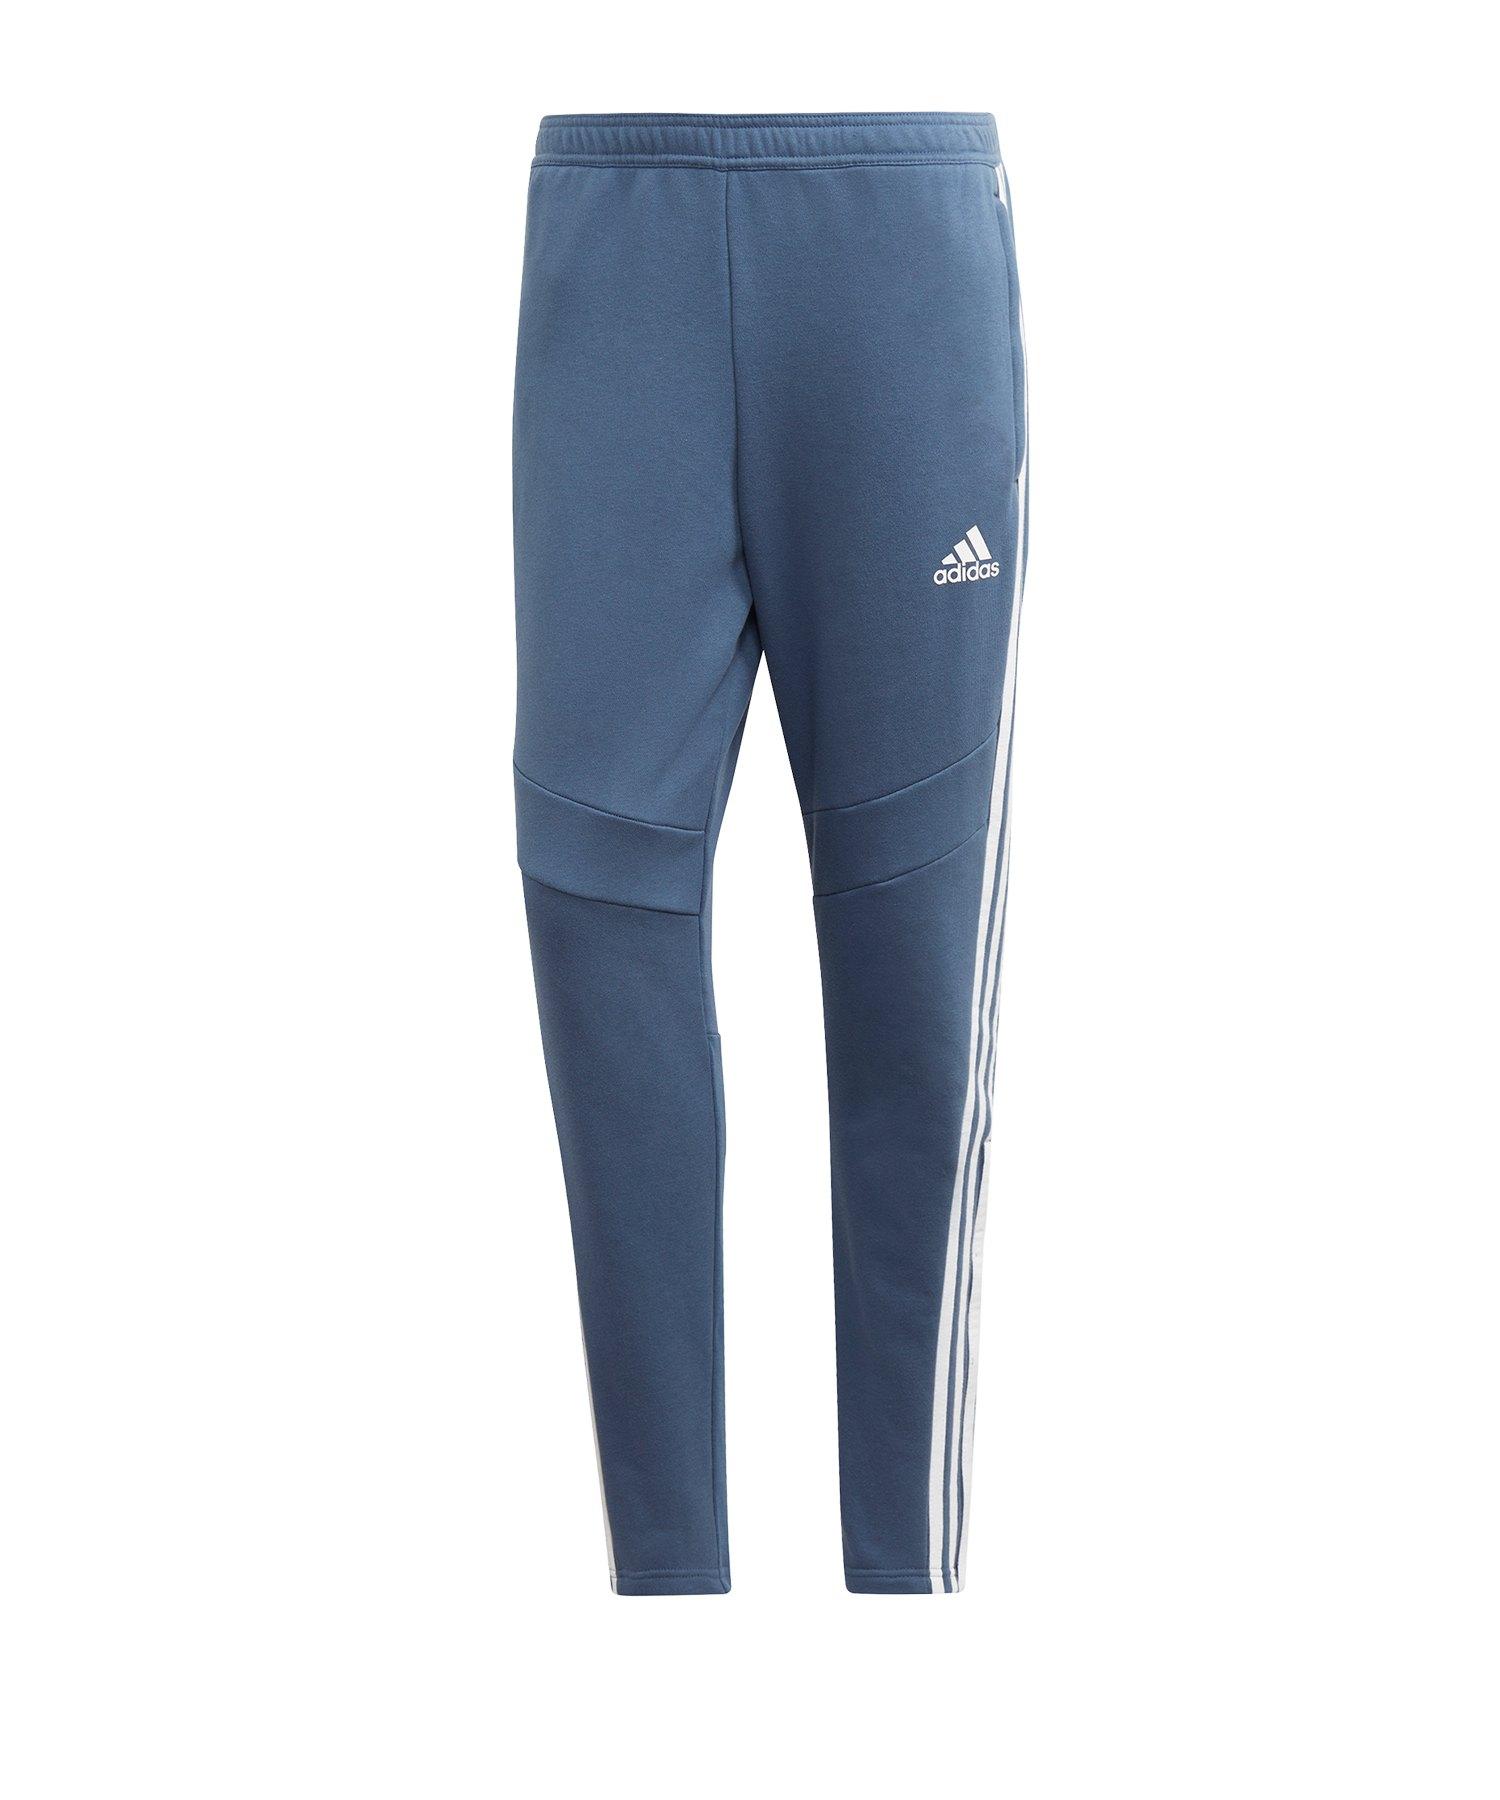 adidas Tiro 19 Jogginghose FT lang Blau - blau